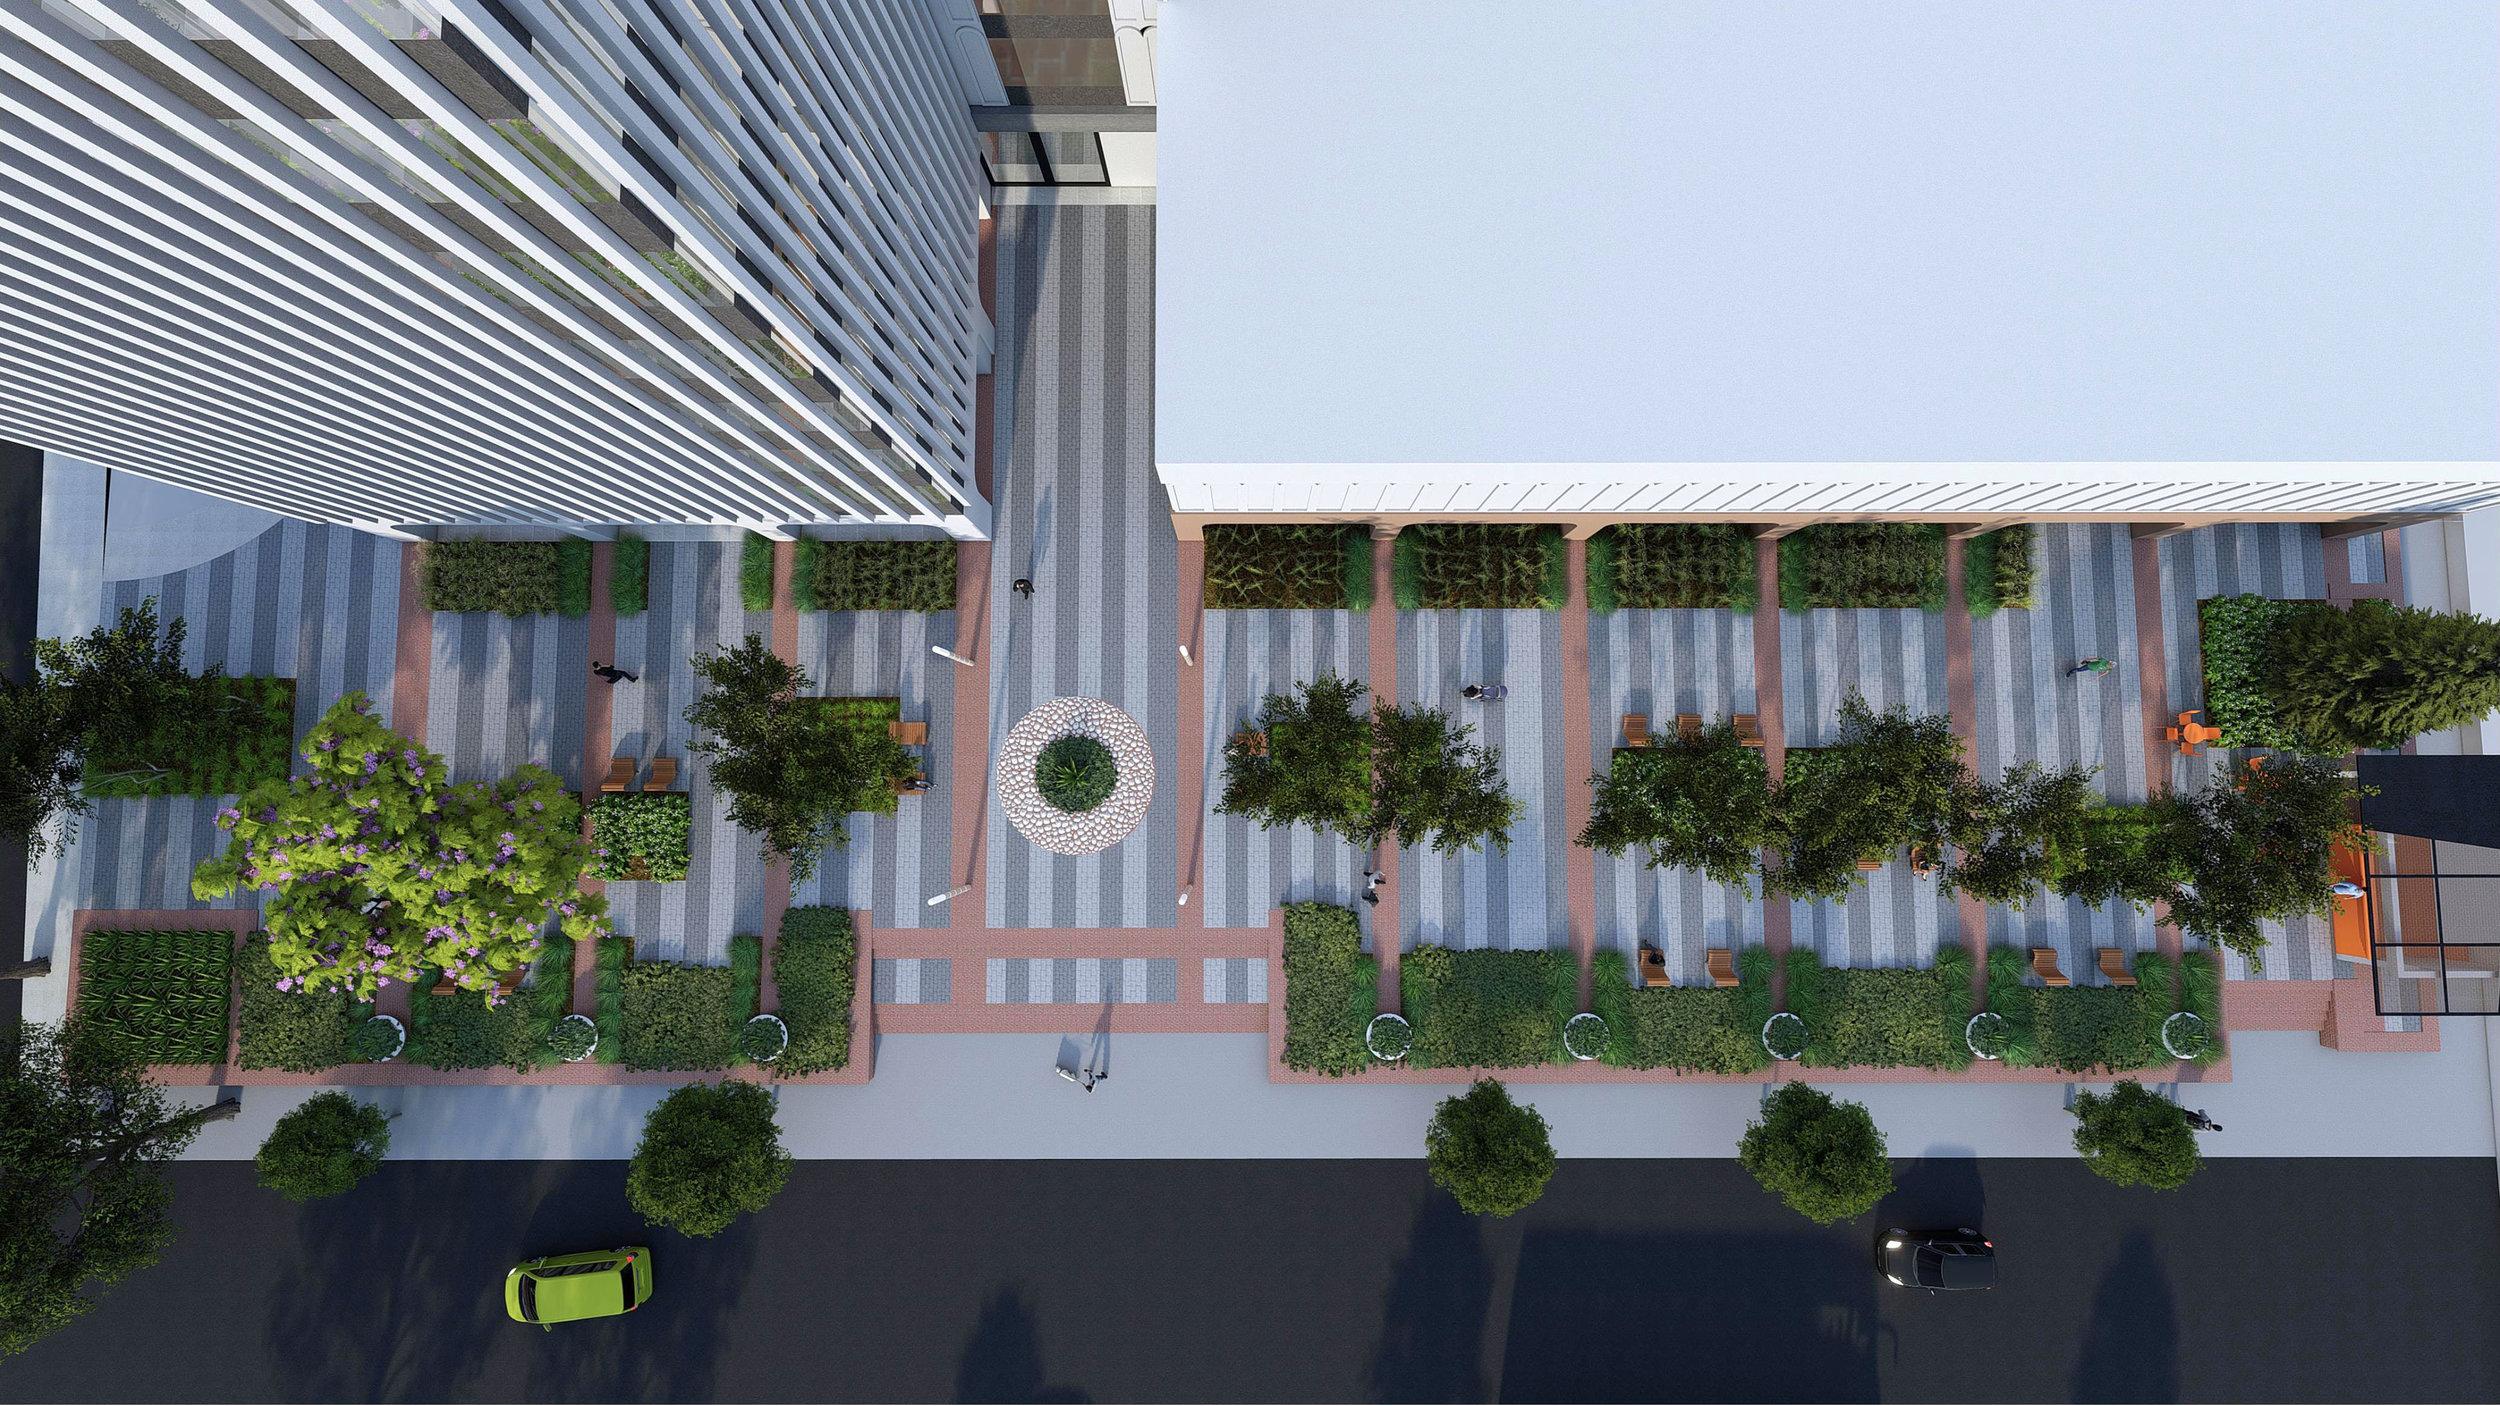 3D Rendering - Aerial View